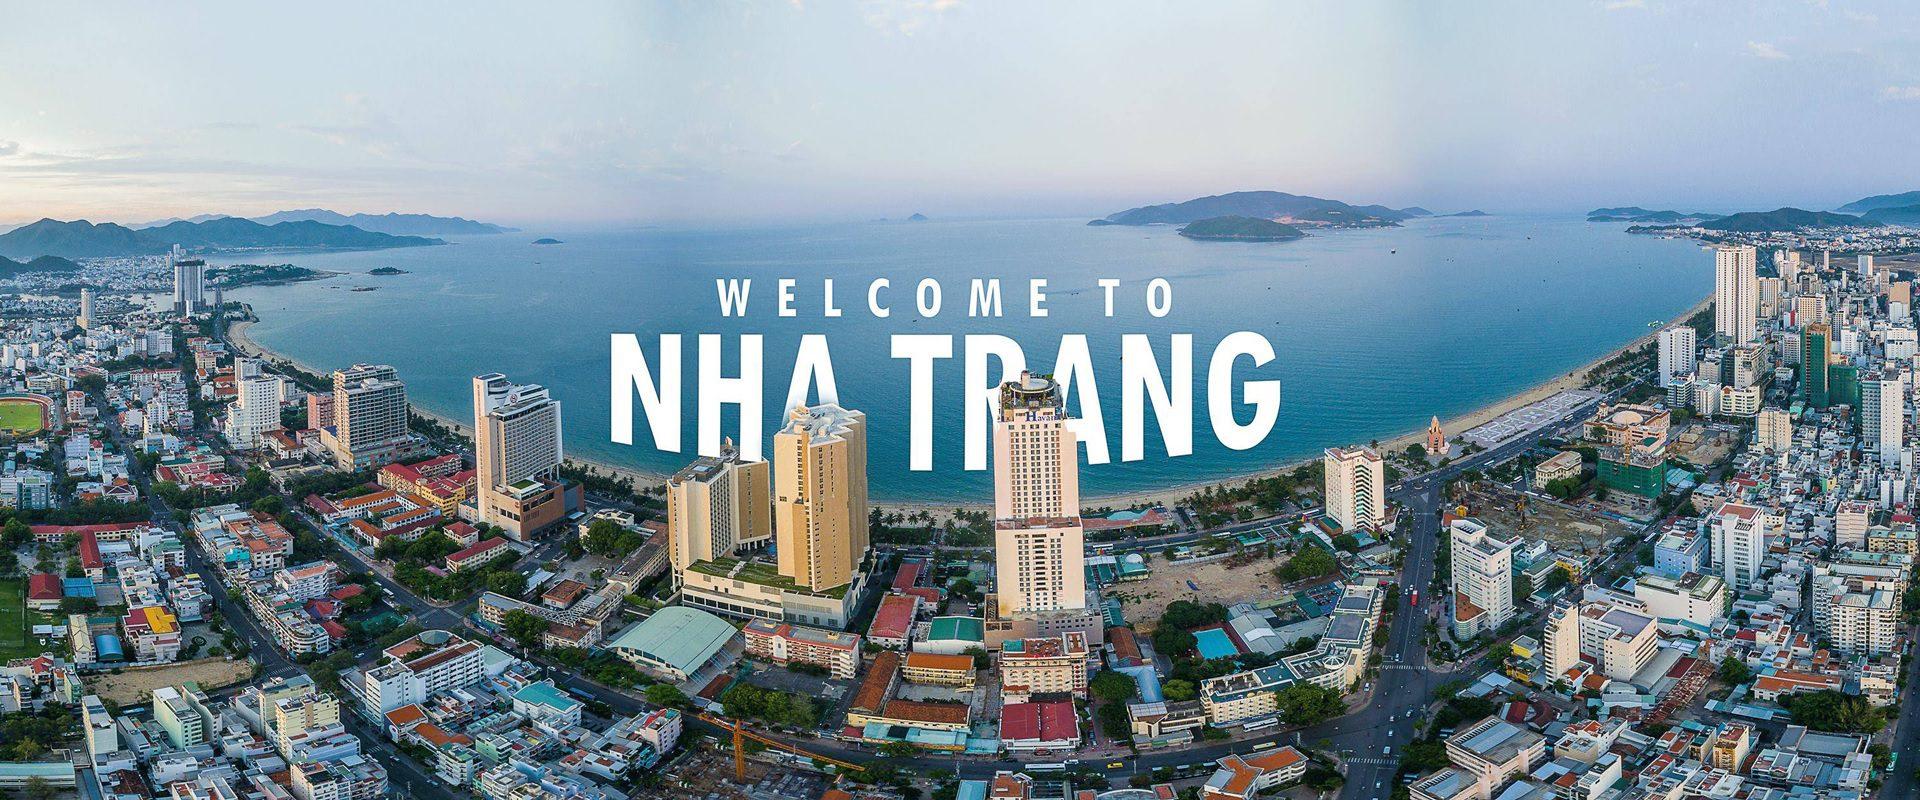 Nha Trang - Khánh Hòa